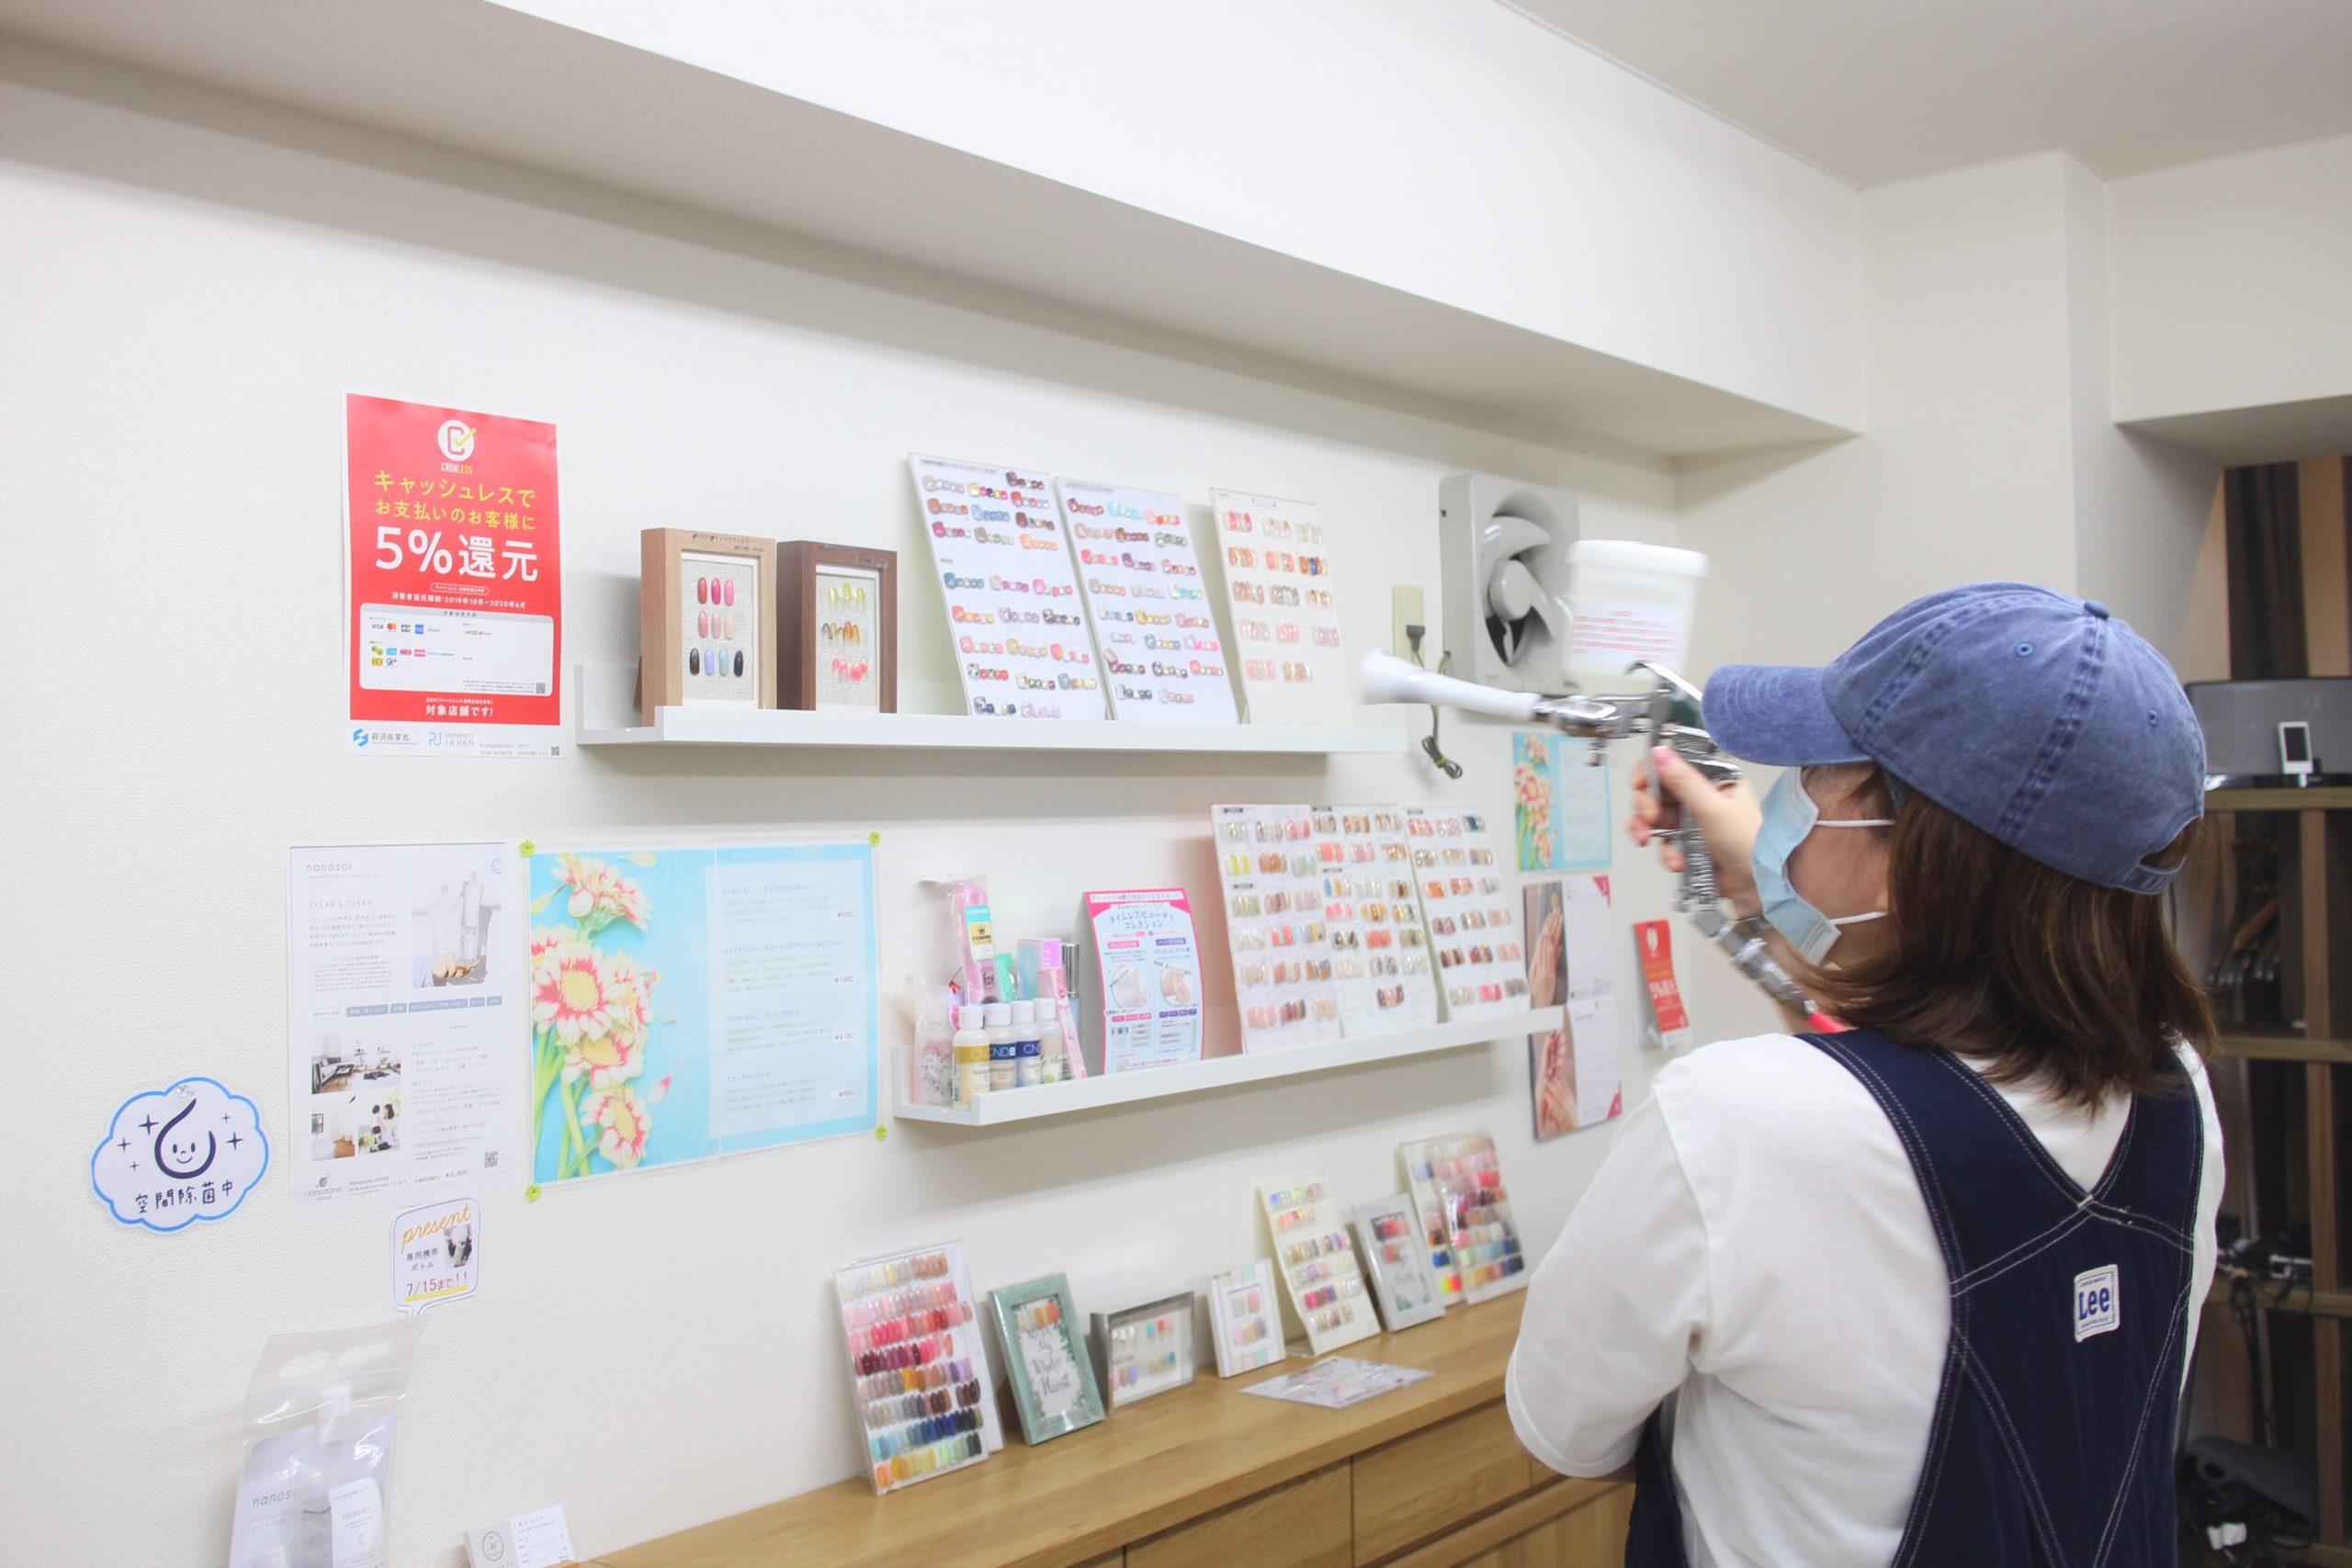 アイラッシュサロン mineart 錦糸町店様